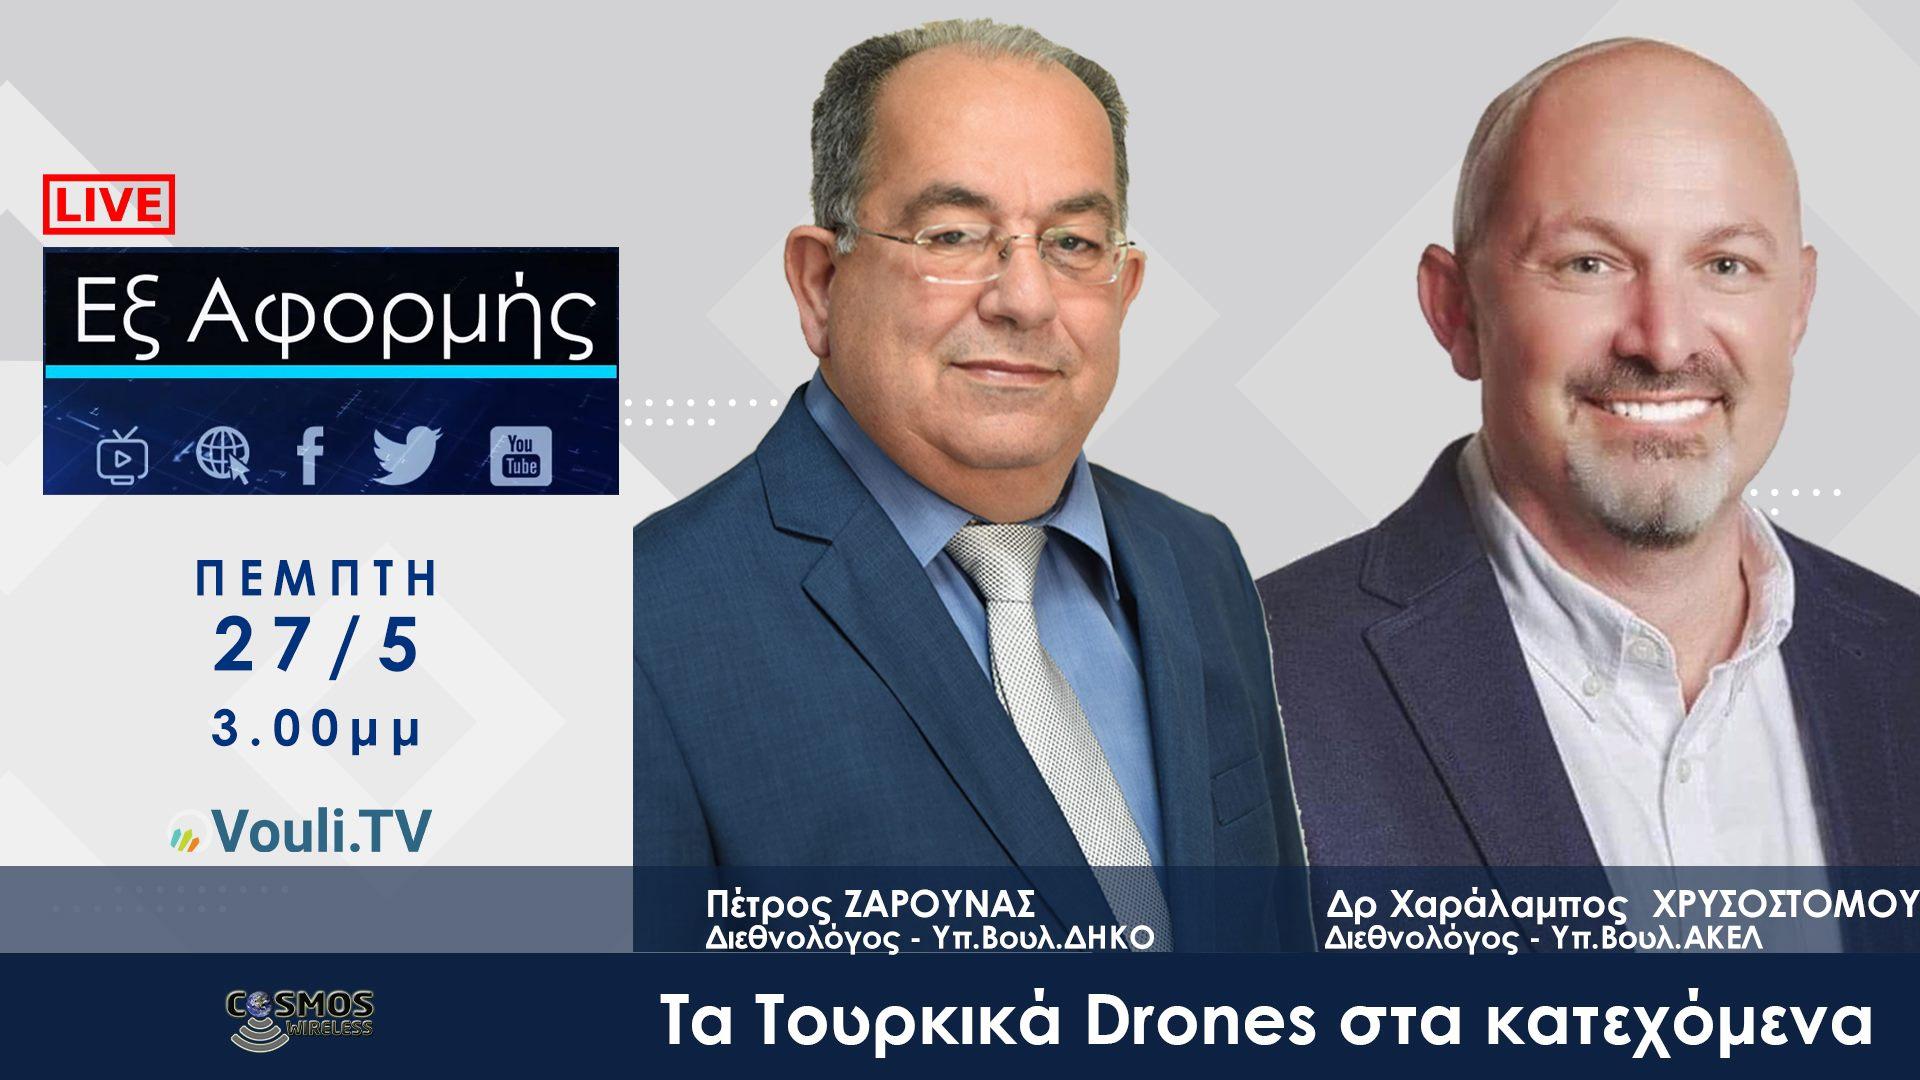 Εξ Αφορμής | Τα Τουρκικά Drones στην κατεχόμενη Κύπρο - Πέμπτη 27/05/2021, 3μμ